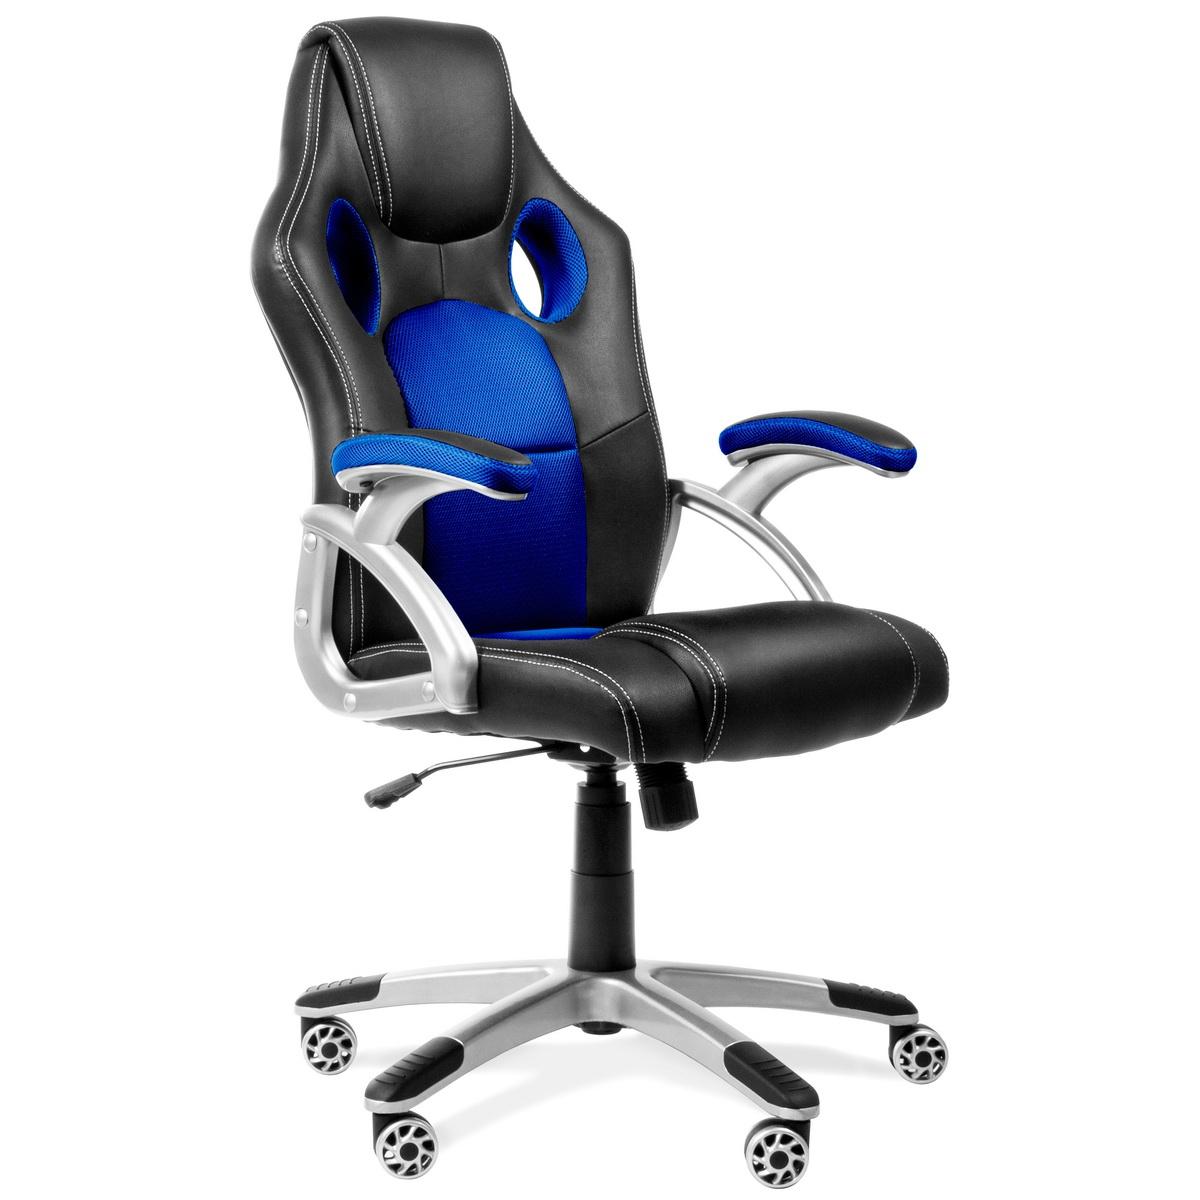 Silla de oficina racing gaming 9701 (España)